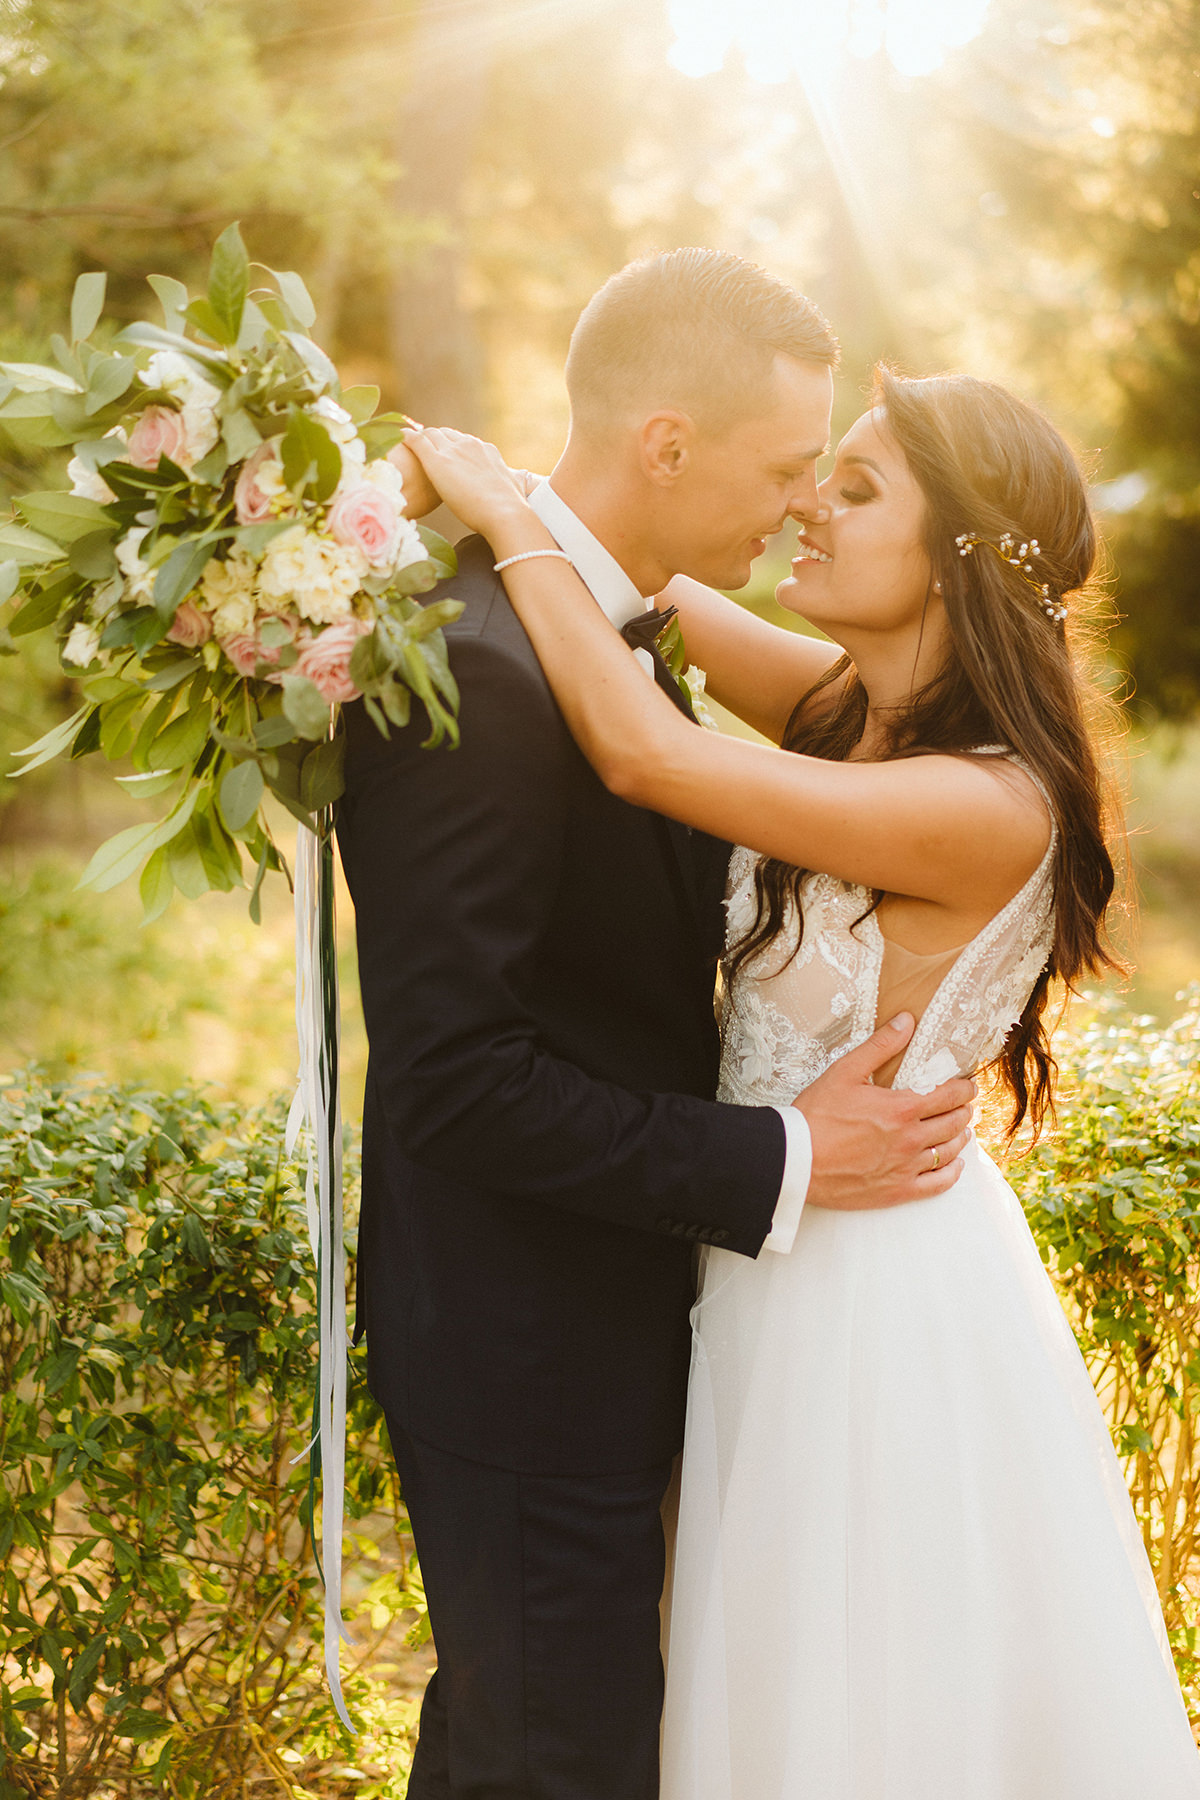 Najlepsze zdjęcia ślubne 2019 83